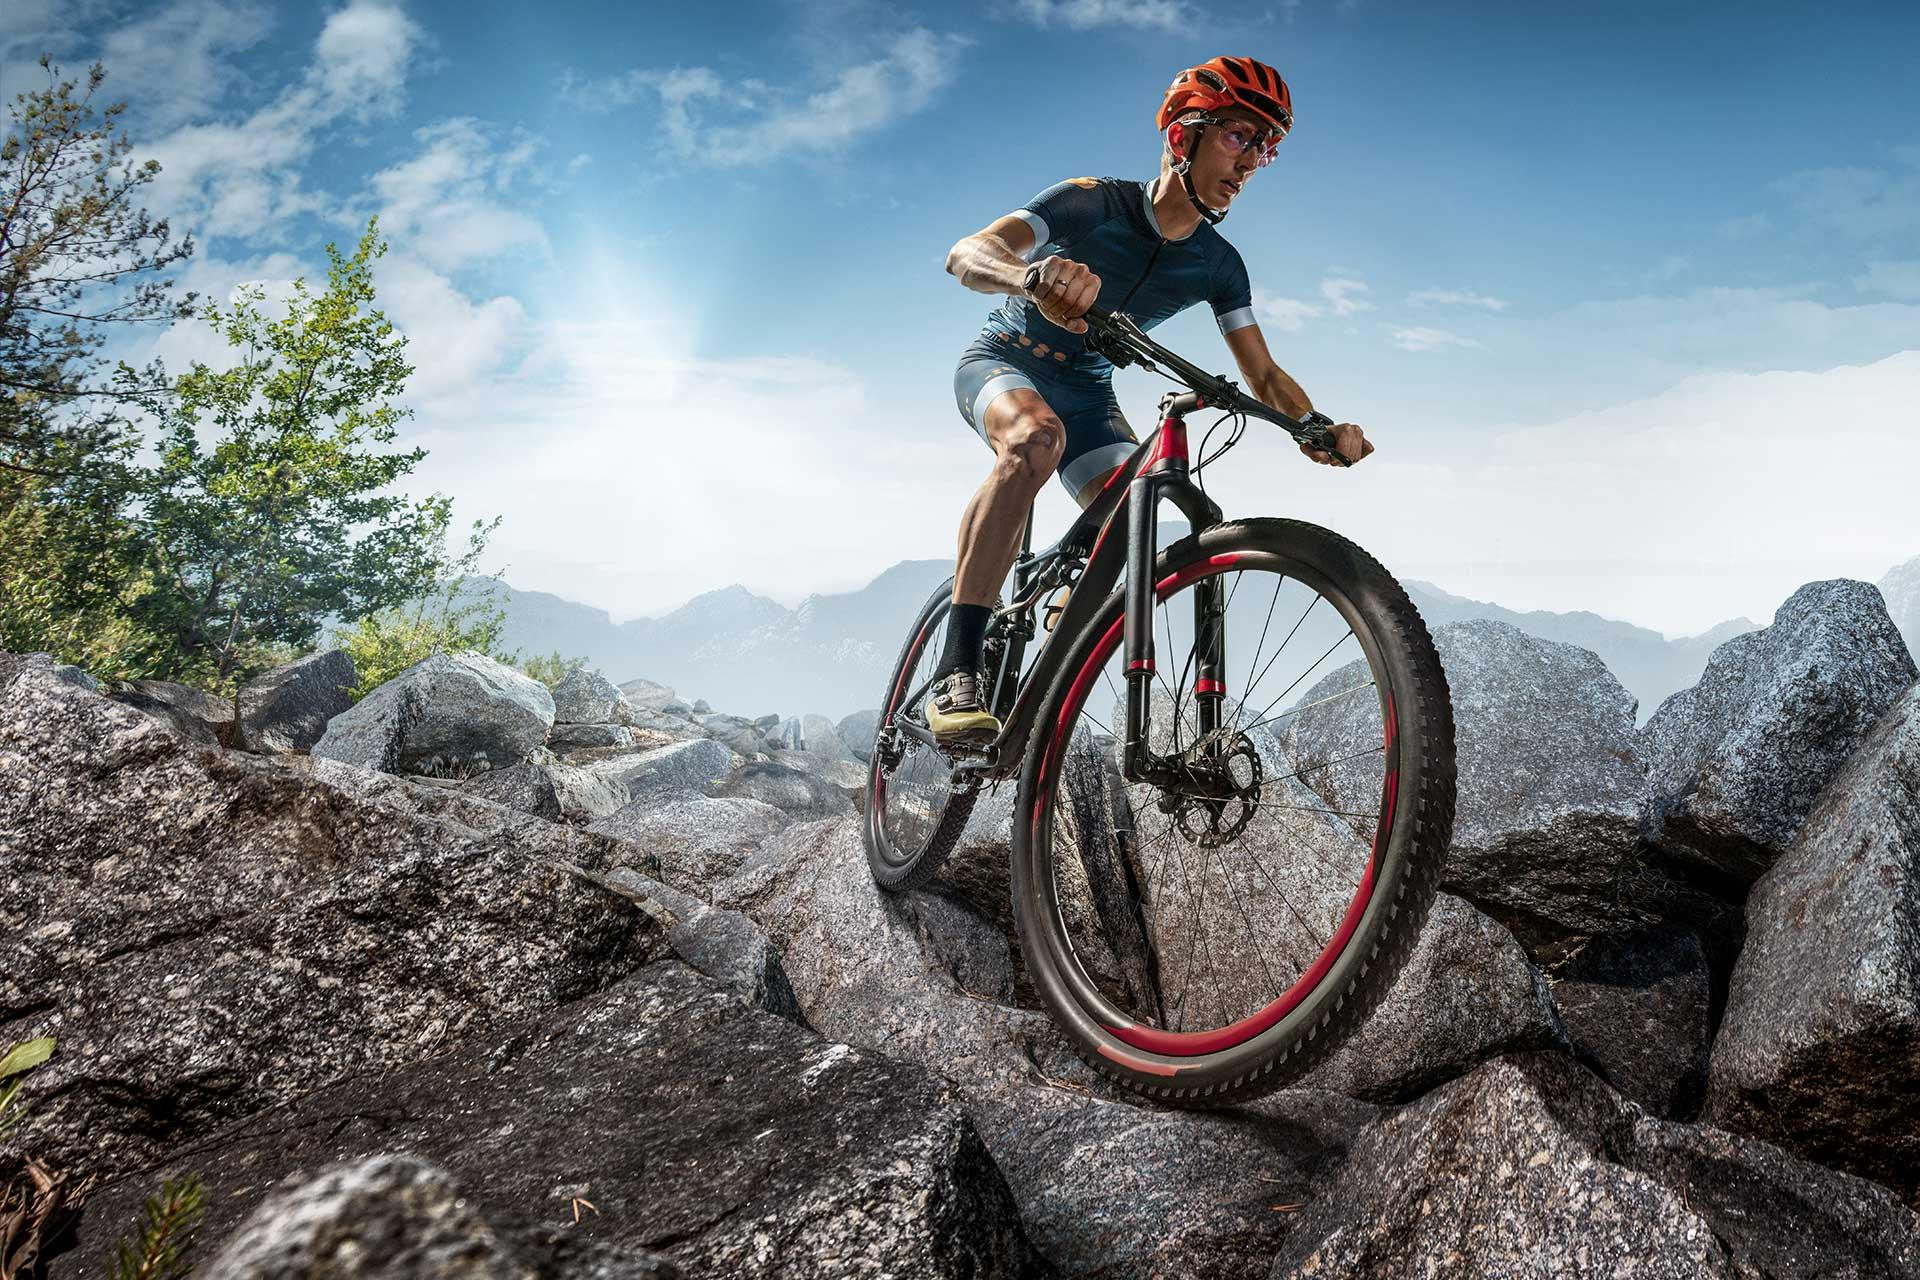 Mężczyzna w kasku i sportowym stroju jedzie po skalistej nawierzchni na rowerze górskim